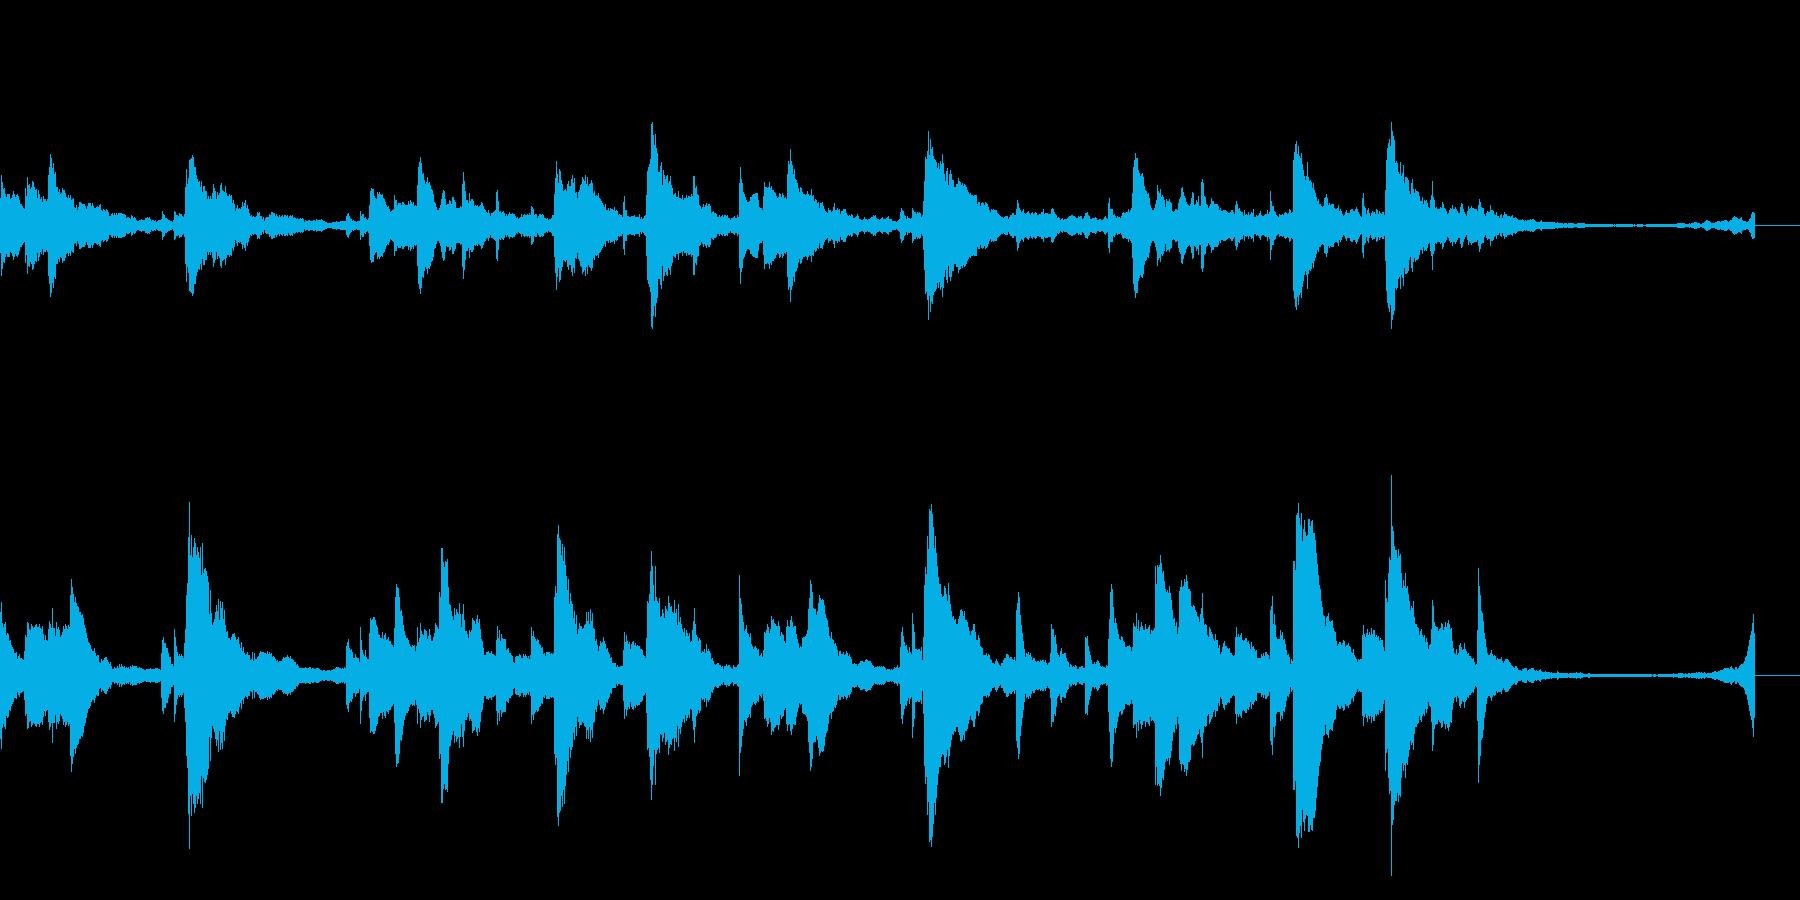 切なくて感動的なピアノソロジングルの再生済みの波形